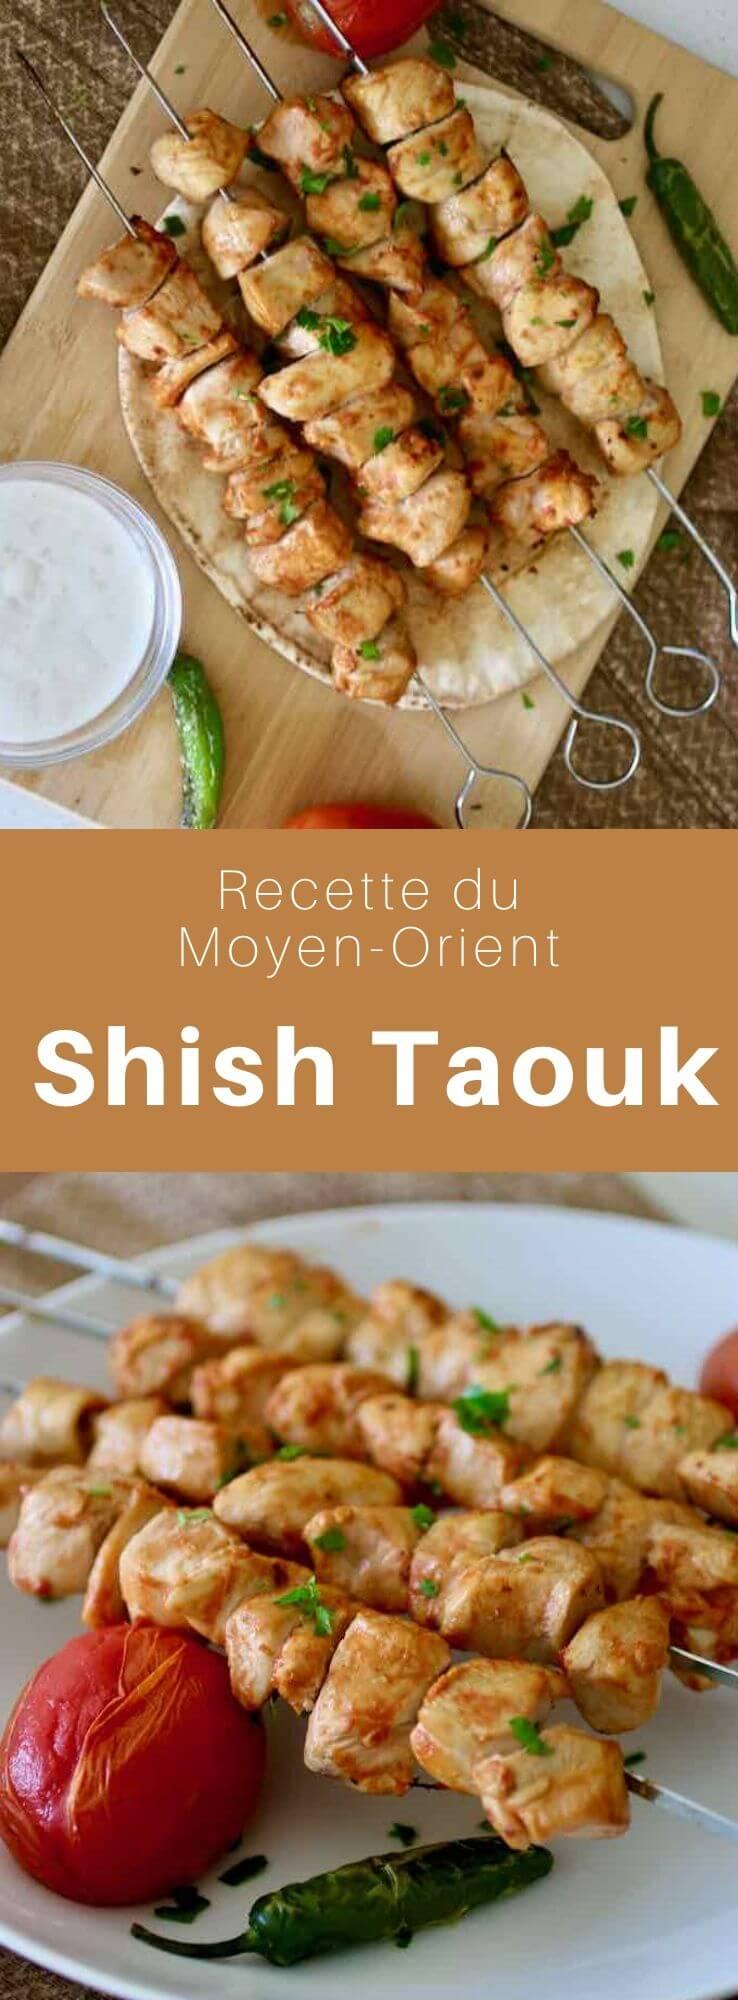 Le şiş tavuk (ou chich taouk) est une délicieuse recette de brochettes de blanc de poulet mariné, traditionnelle du Moyen-Orient. #Turquie #RecetteTurque #CuisineTurque #CuisineDuMonde #196flavors